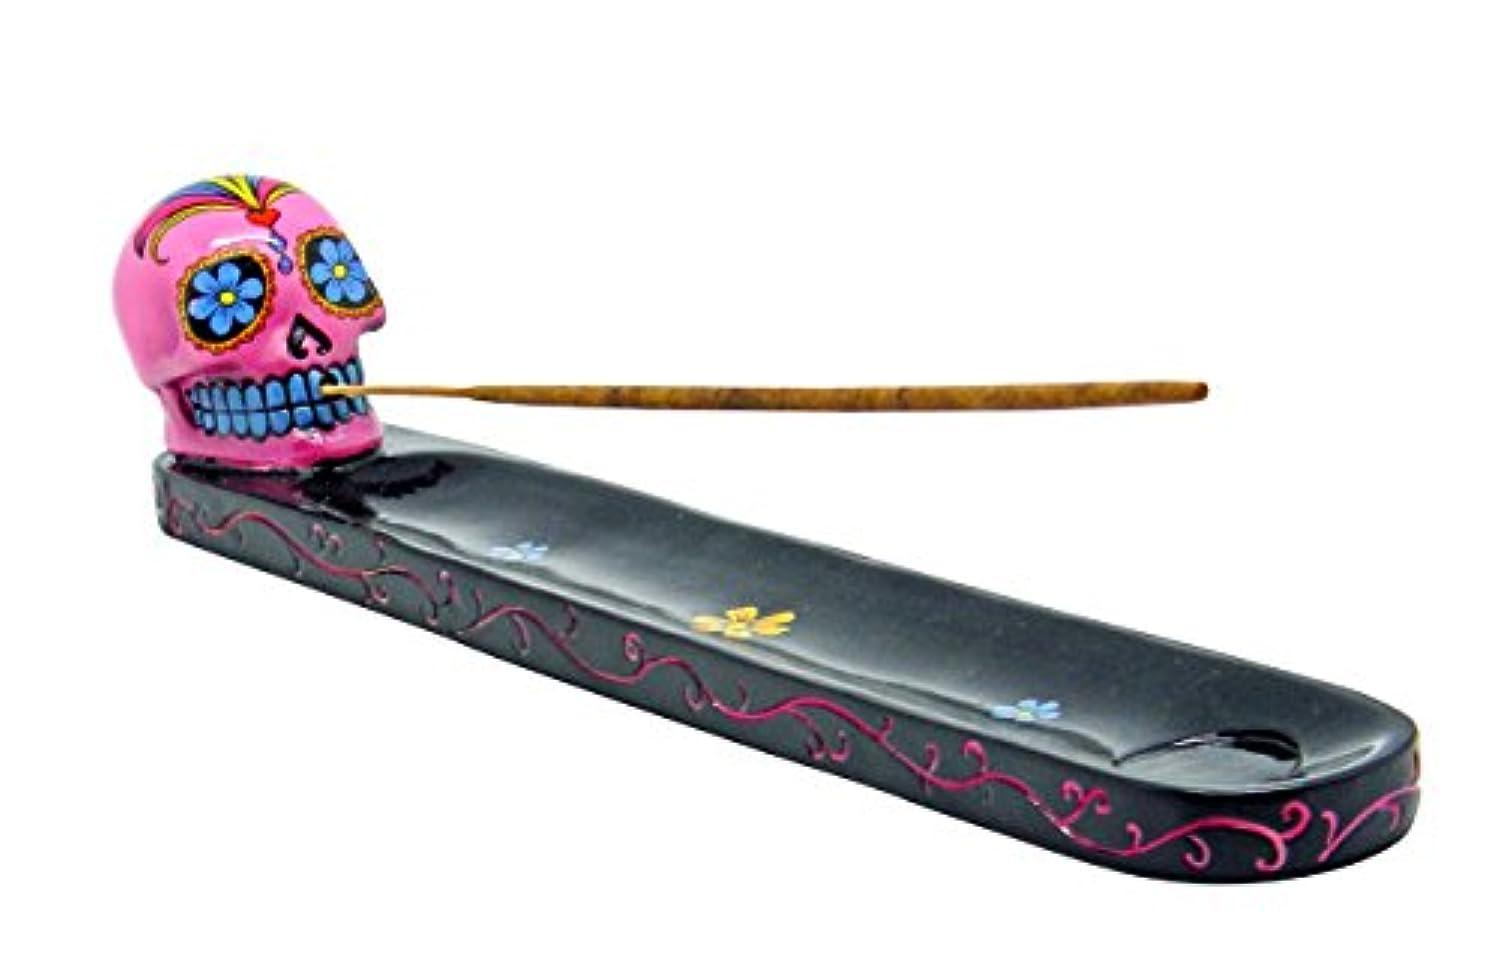 いらいらさせるりんご通行人1 X Day of the Dead Black Incense Burner Pink Sugar Skull by Fantasy